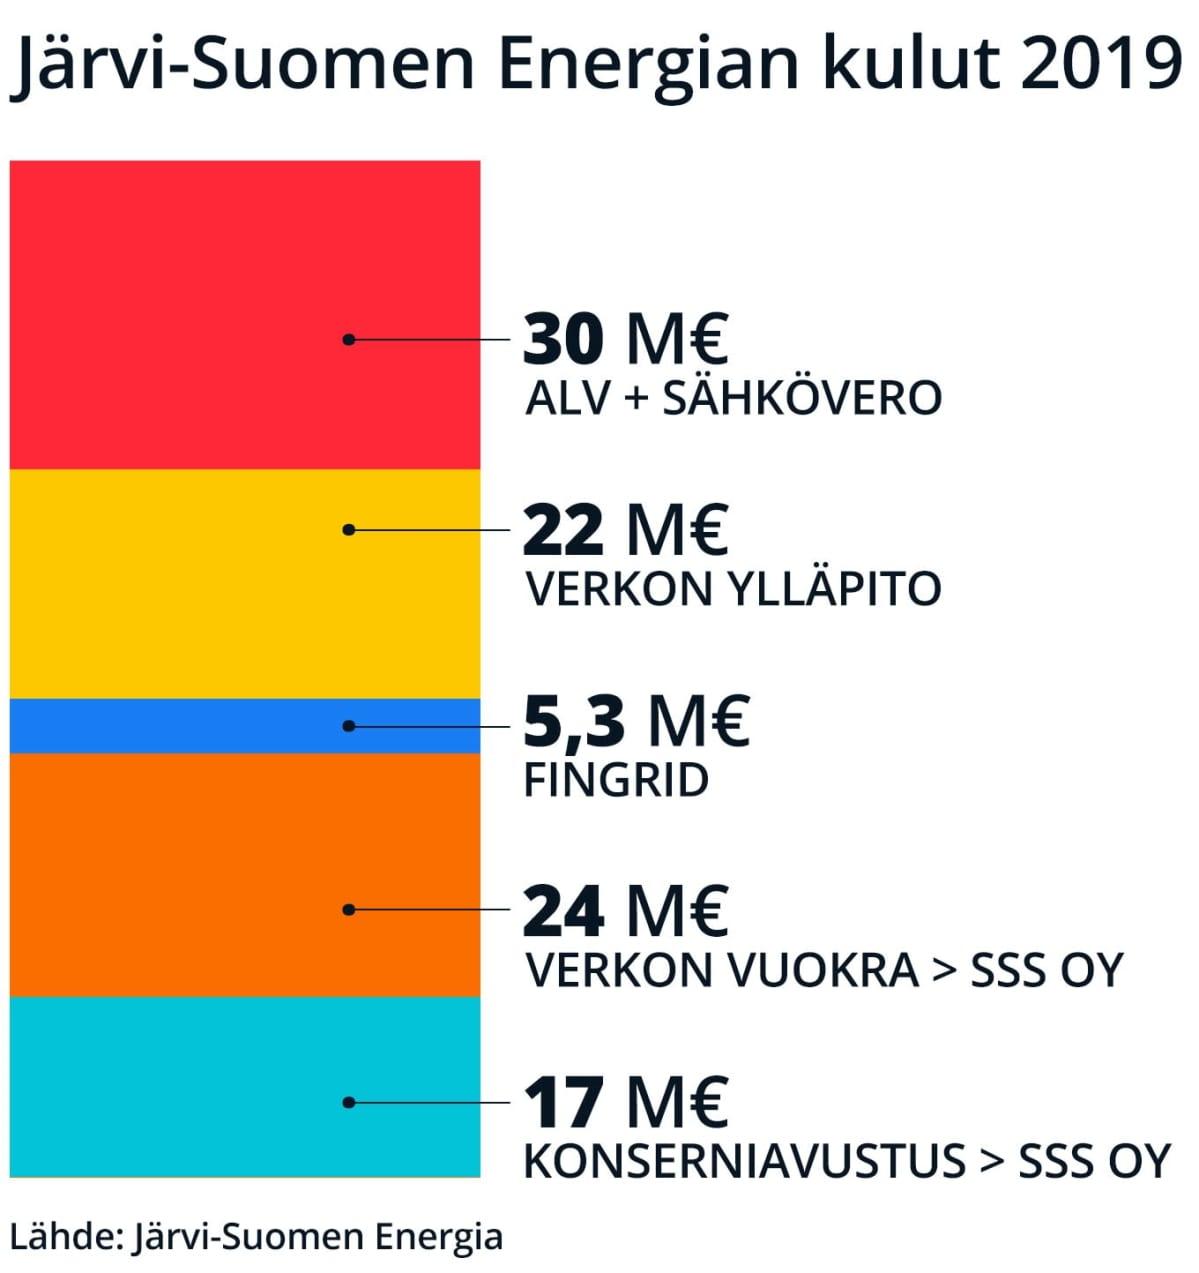 Sähkön siirtohinnasta kolmasosa menee veroihin, viidennes käyttökustannuksiin ja kaksi viidennestä investointeihin.investointehin.